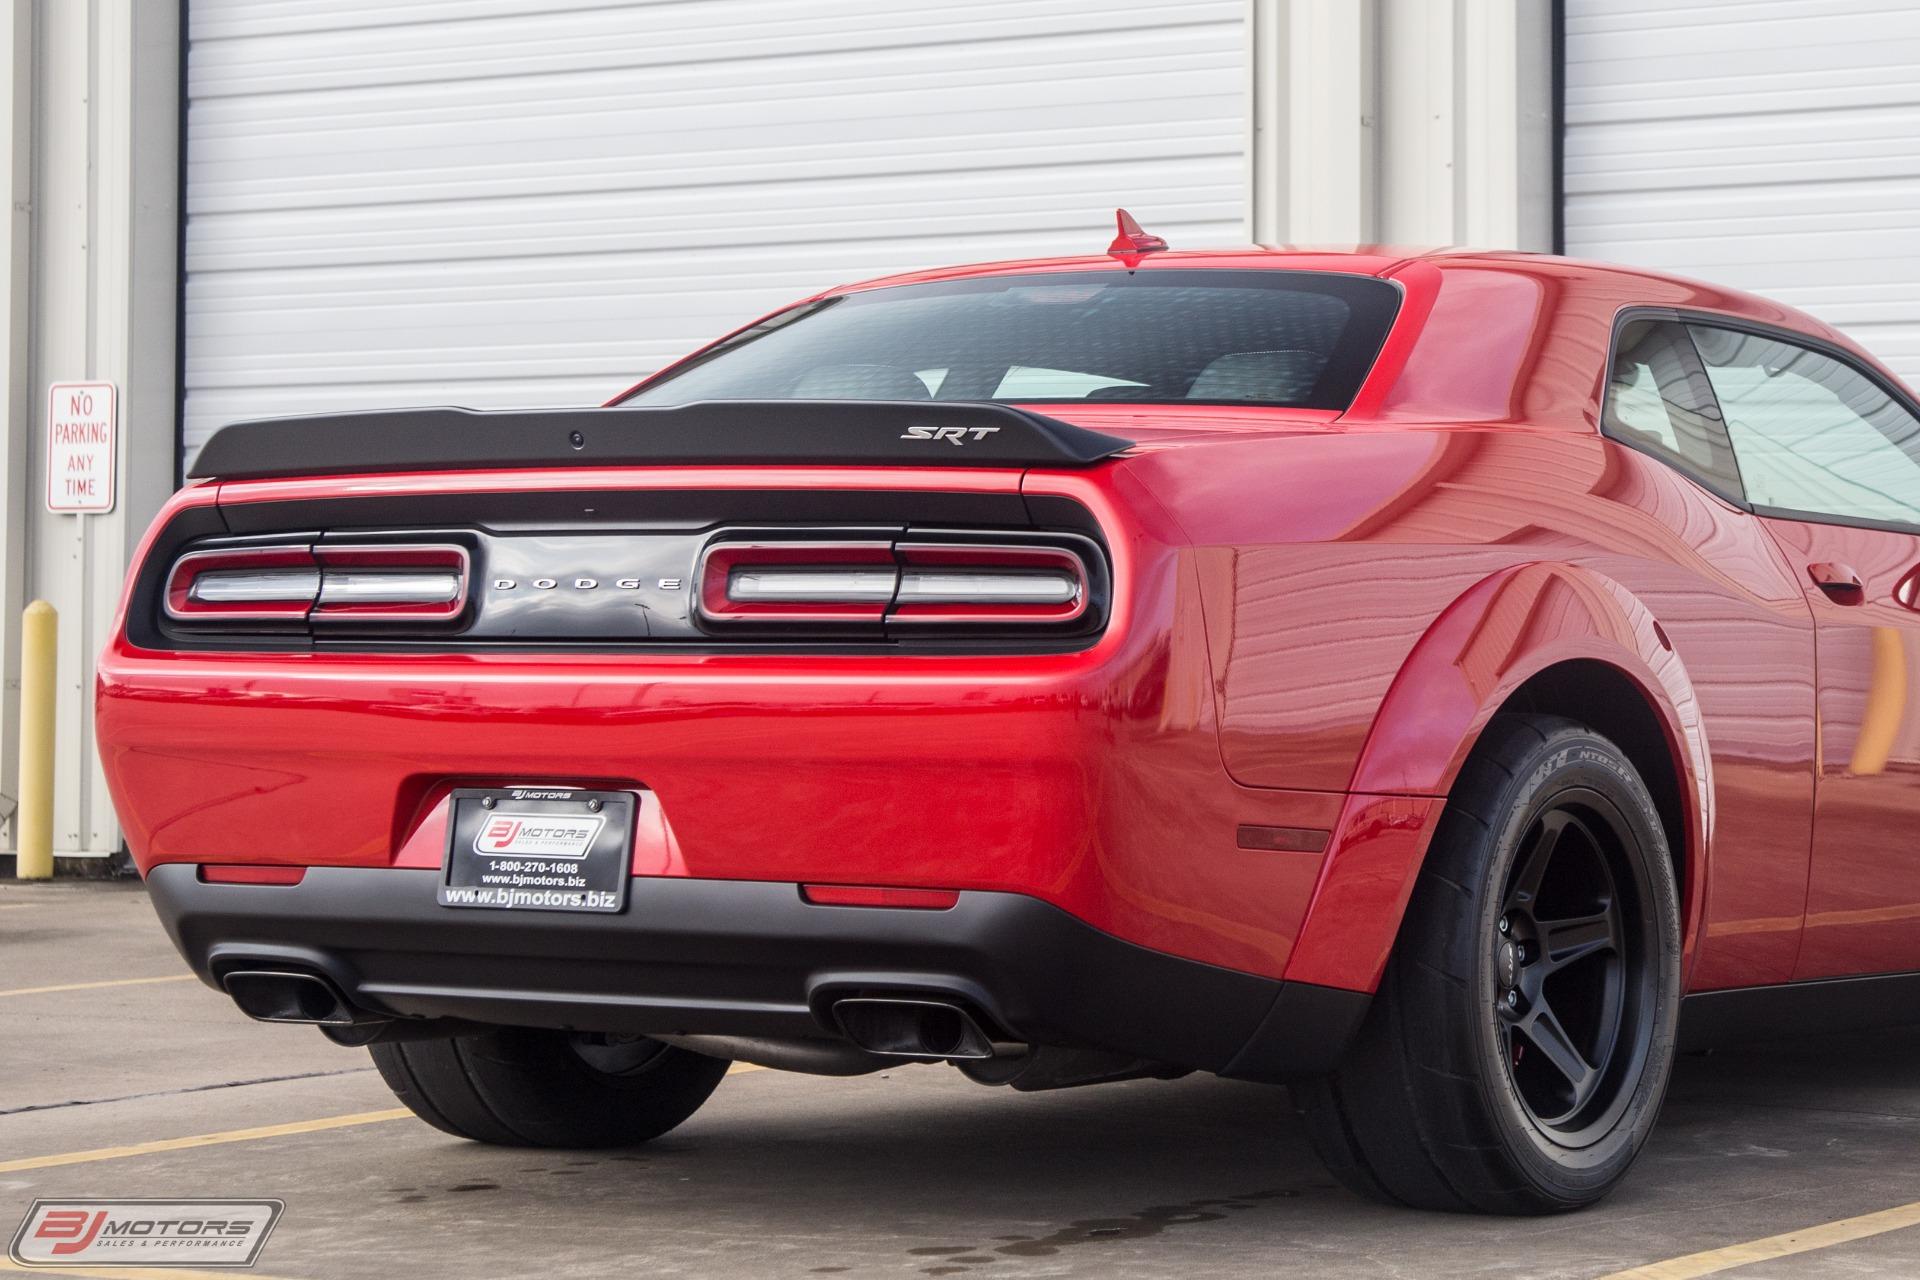 Used 2018 Dodge Challenger Srt Demon For Sale 114 995 Bj Motors